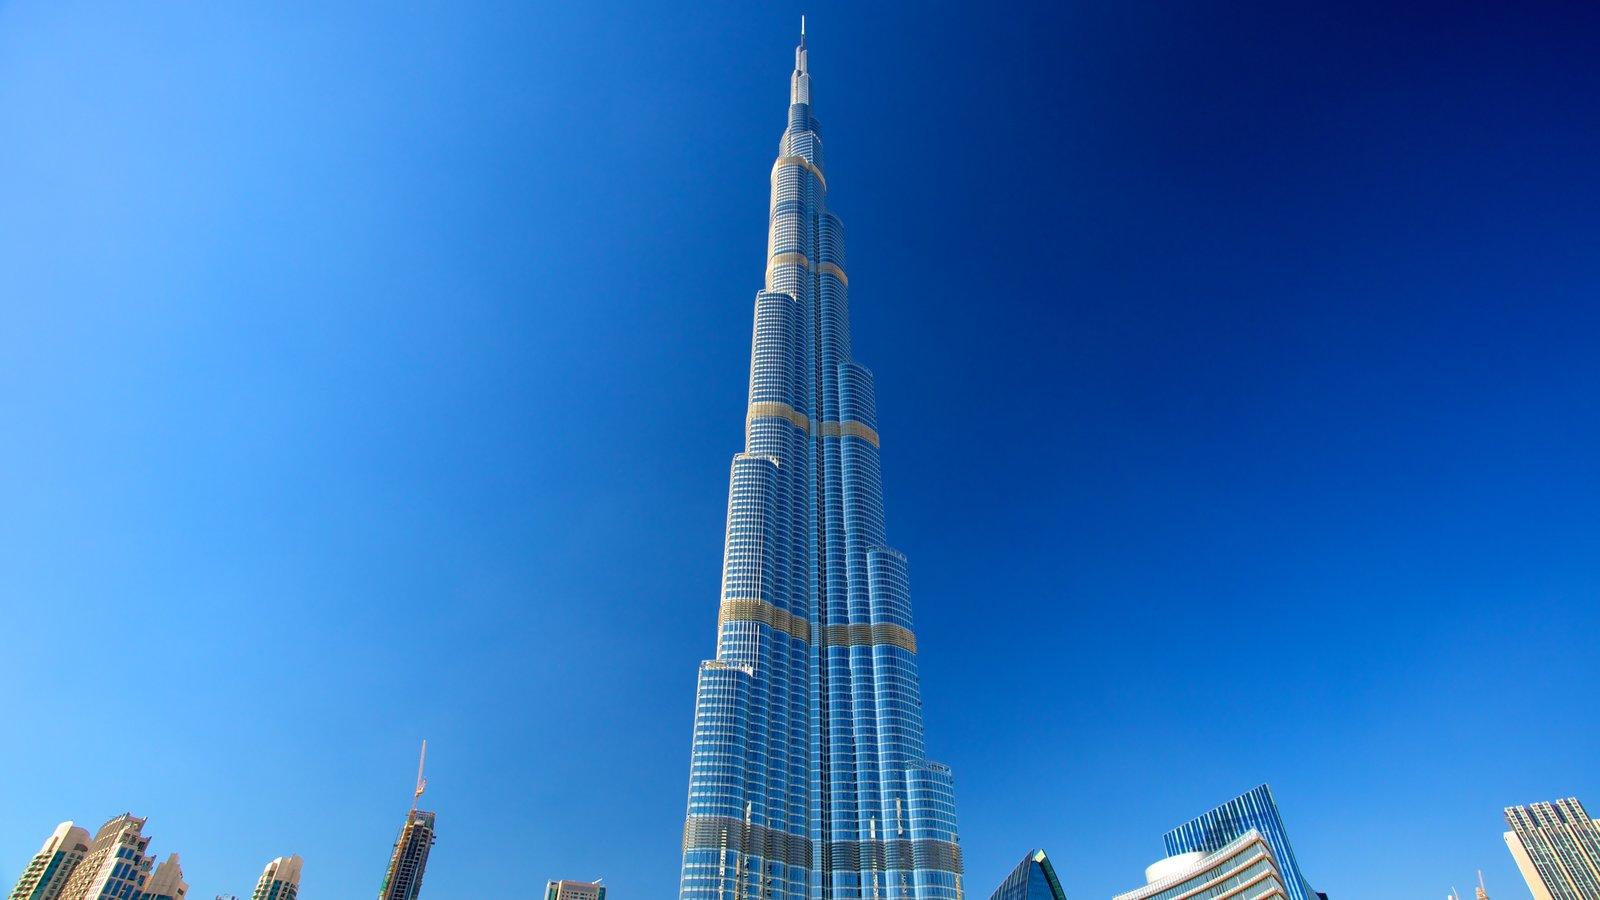 Burj Khalifa que incluye vistas a la ciudad, un edificio de gran altura y una ciudad